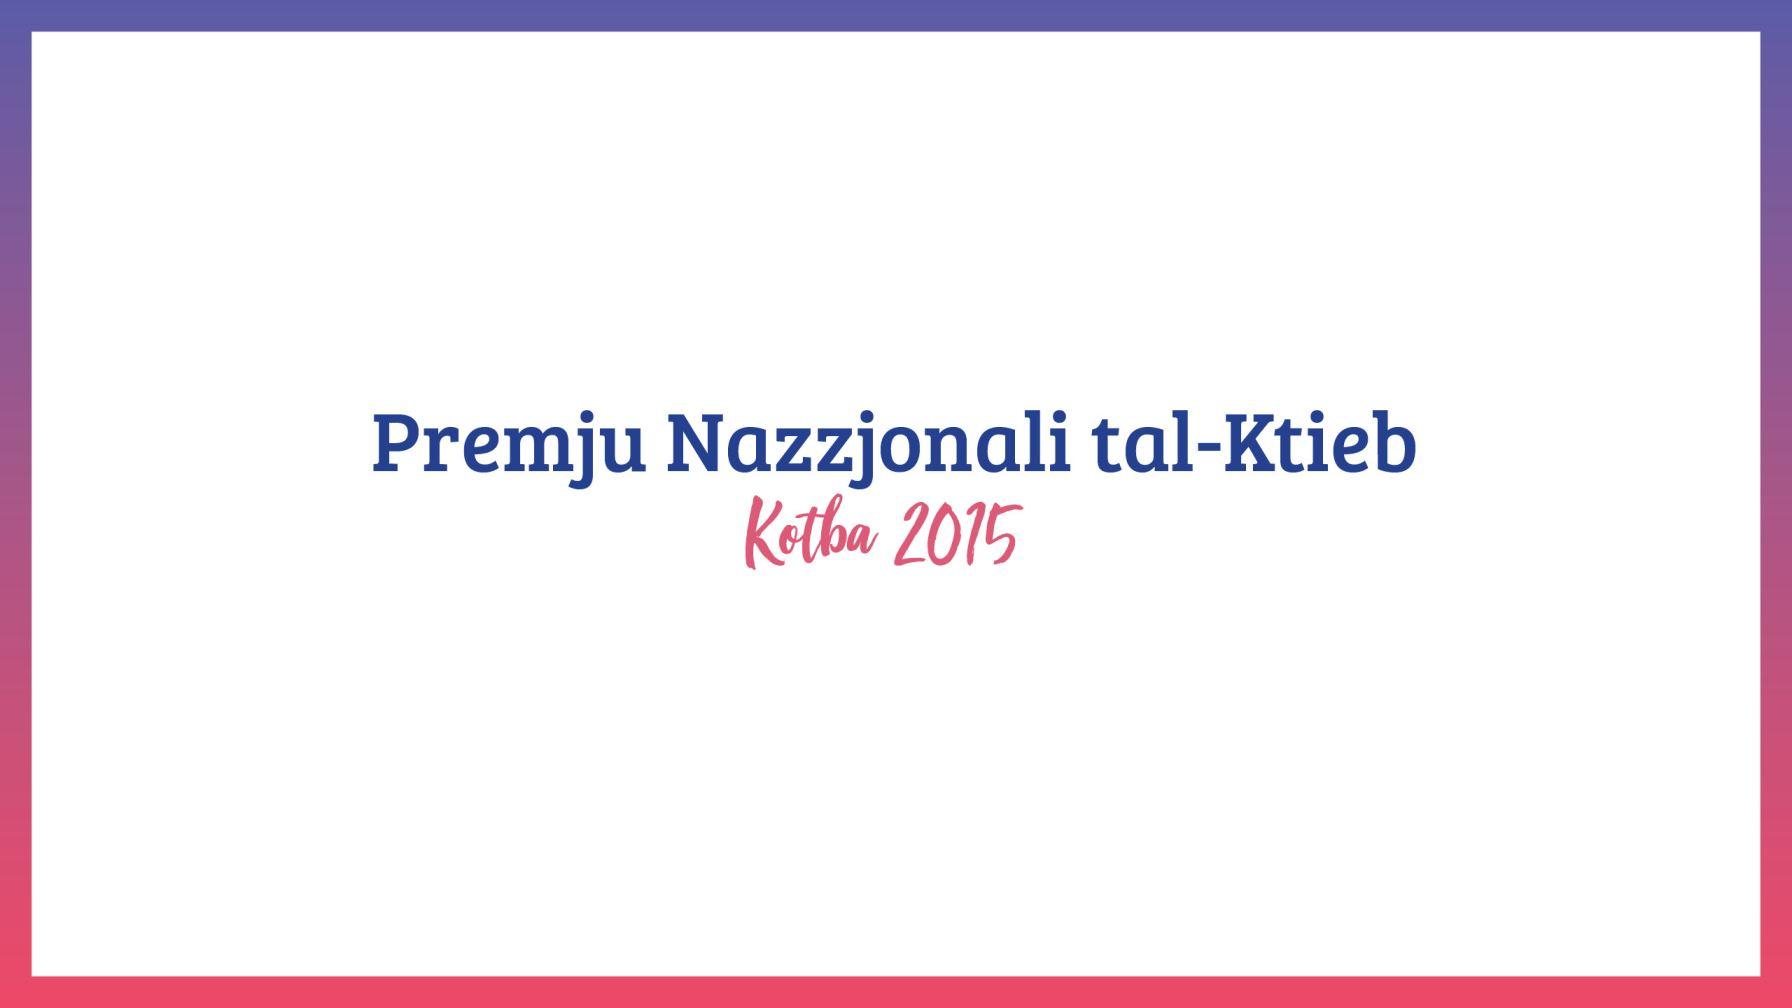 premju-nazzjonali-visuals-on-screen-1